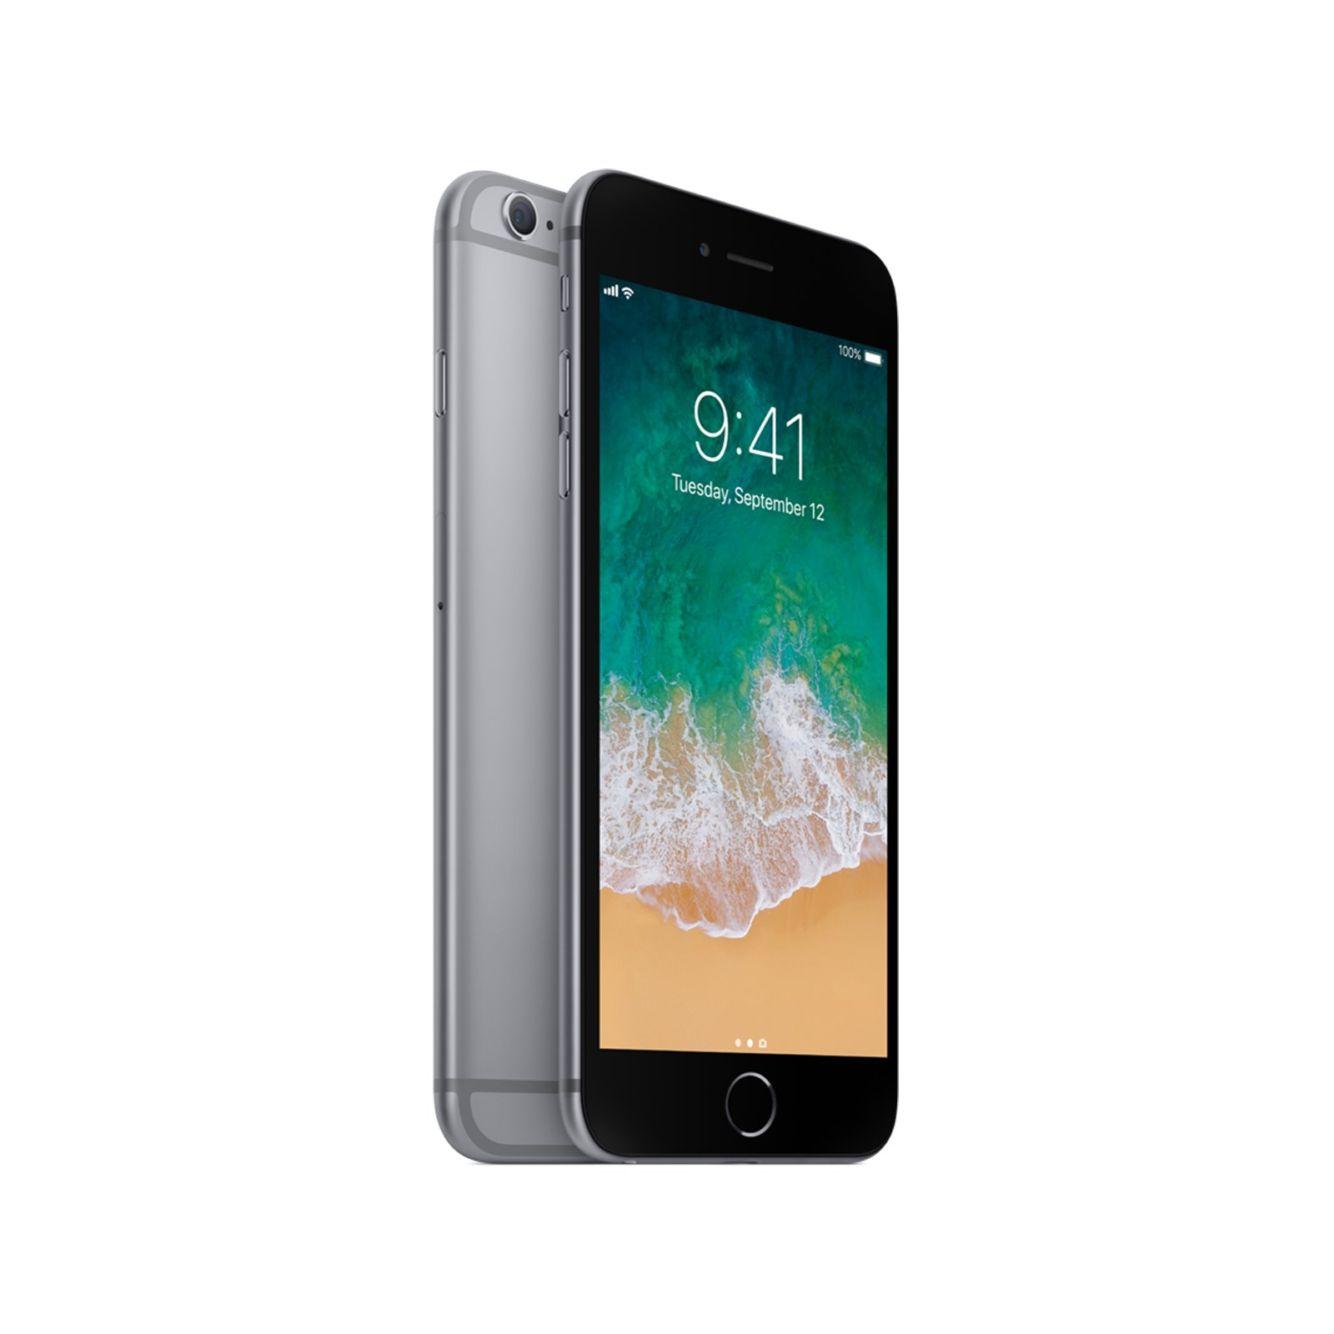 iPhone 6 - Je tu další výbuch iPhone telefonu. Používala jej 11letá dívka